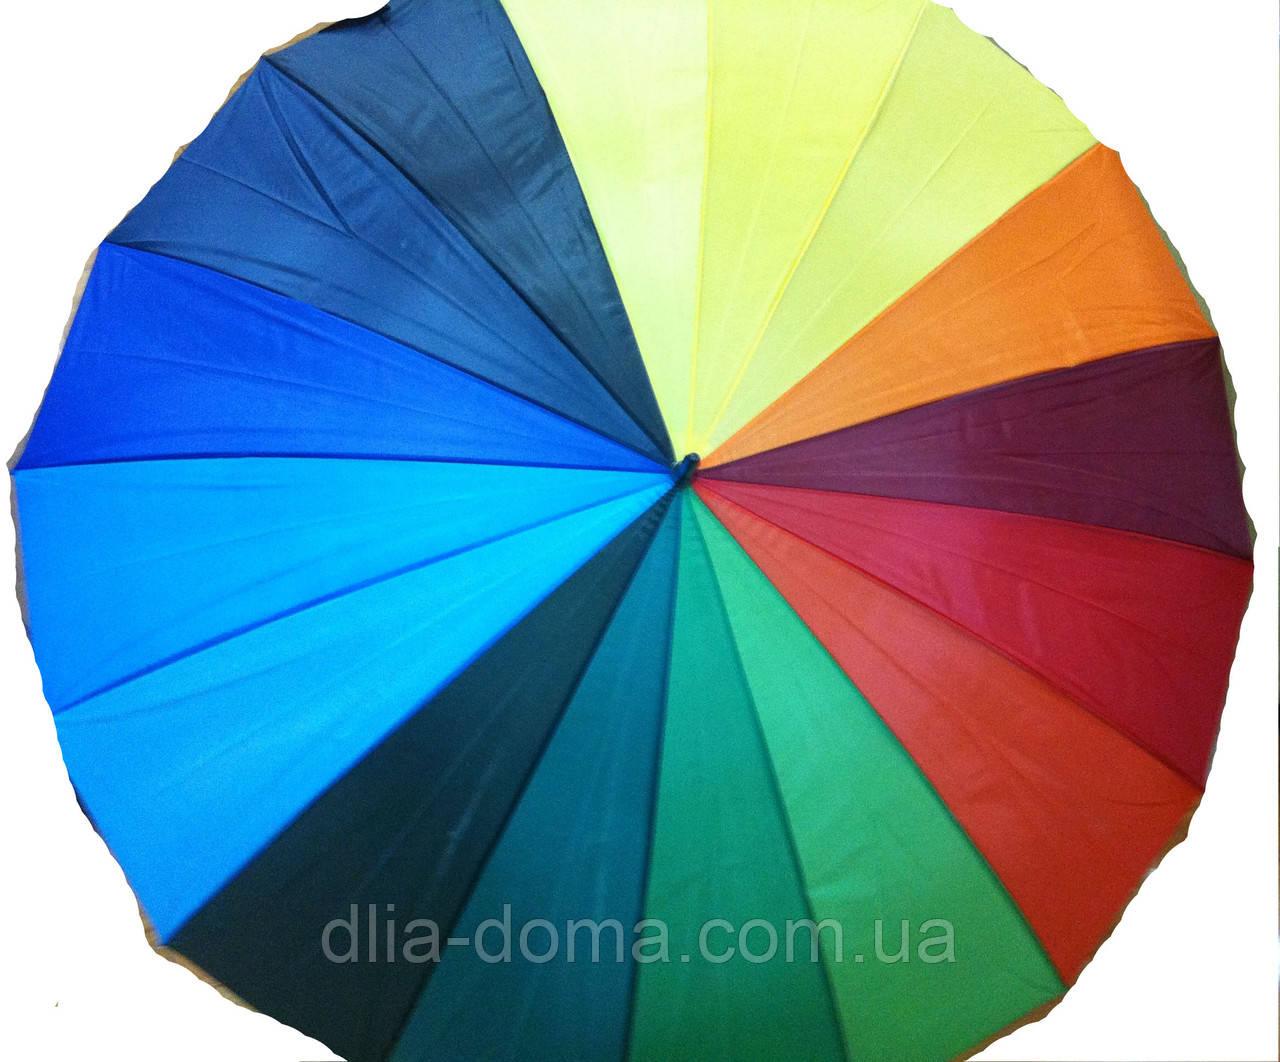 Зонт  трость женский Радуга Гигант, диаметр купола 148 см